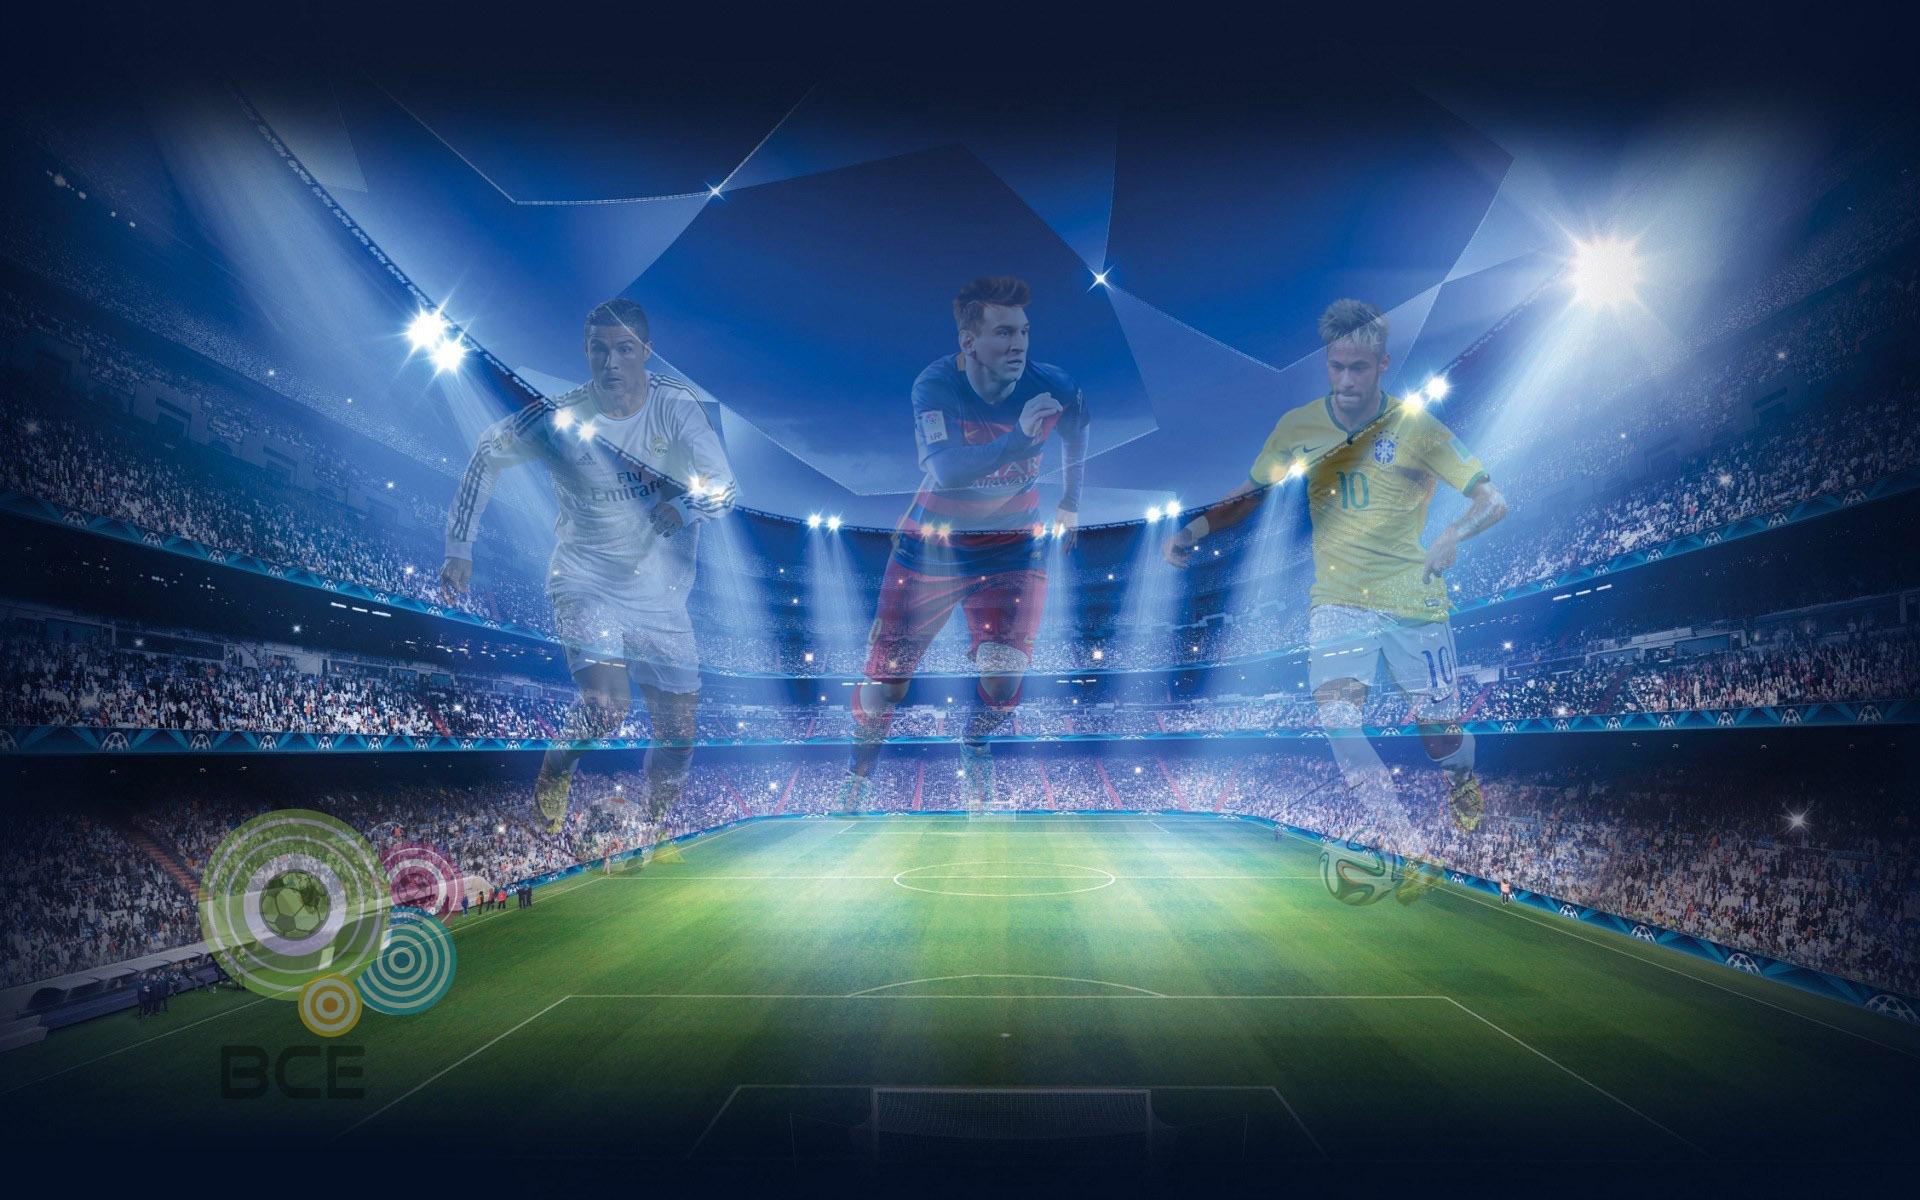 BceSoccer com   Professional Soccer / Football